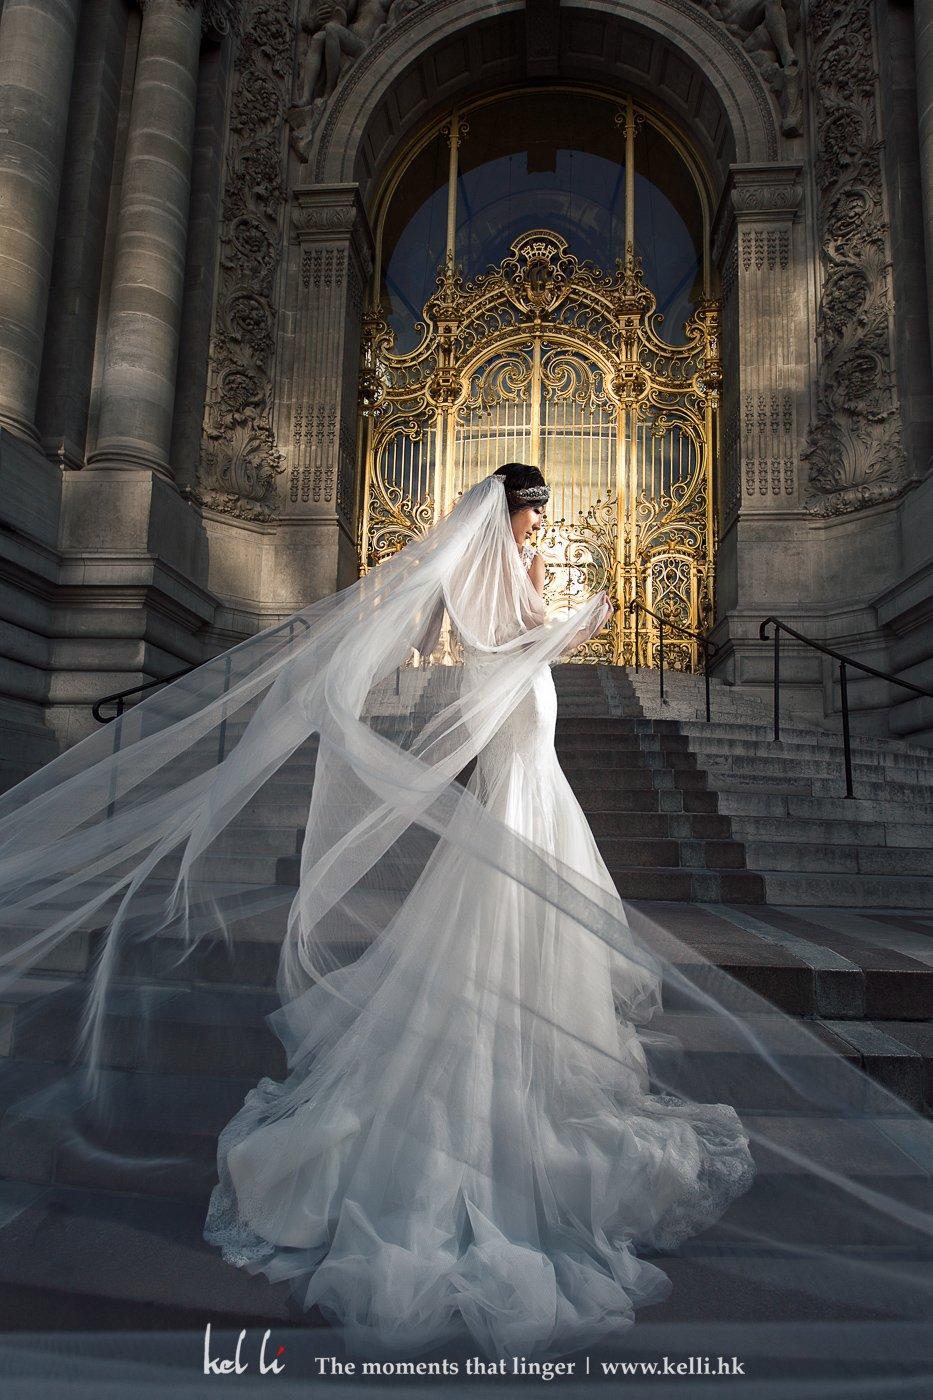 飛紗的婚紗相片